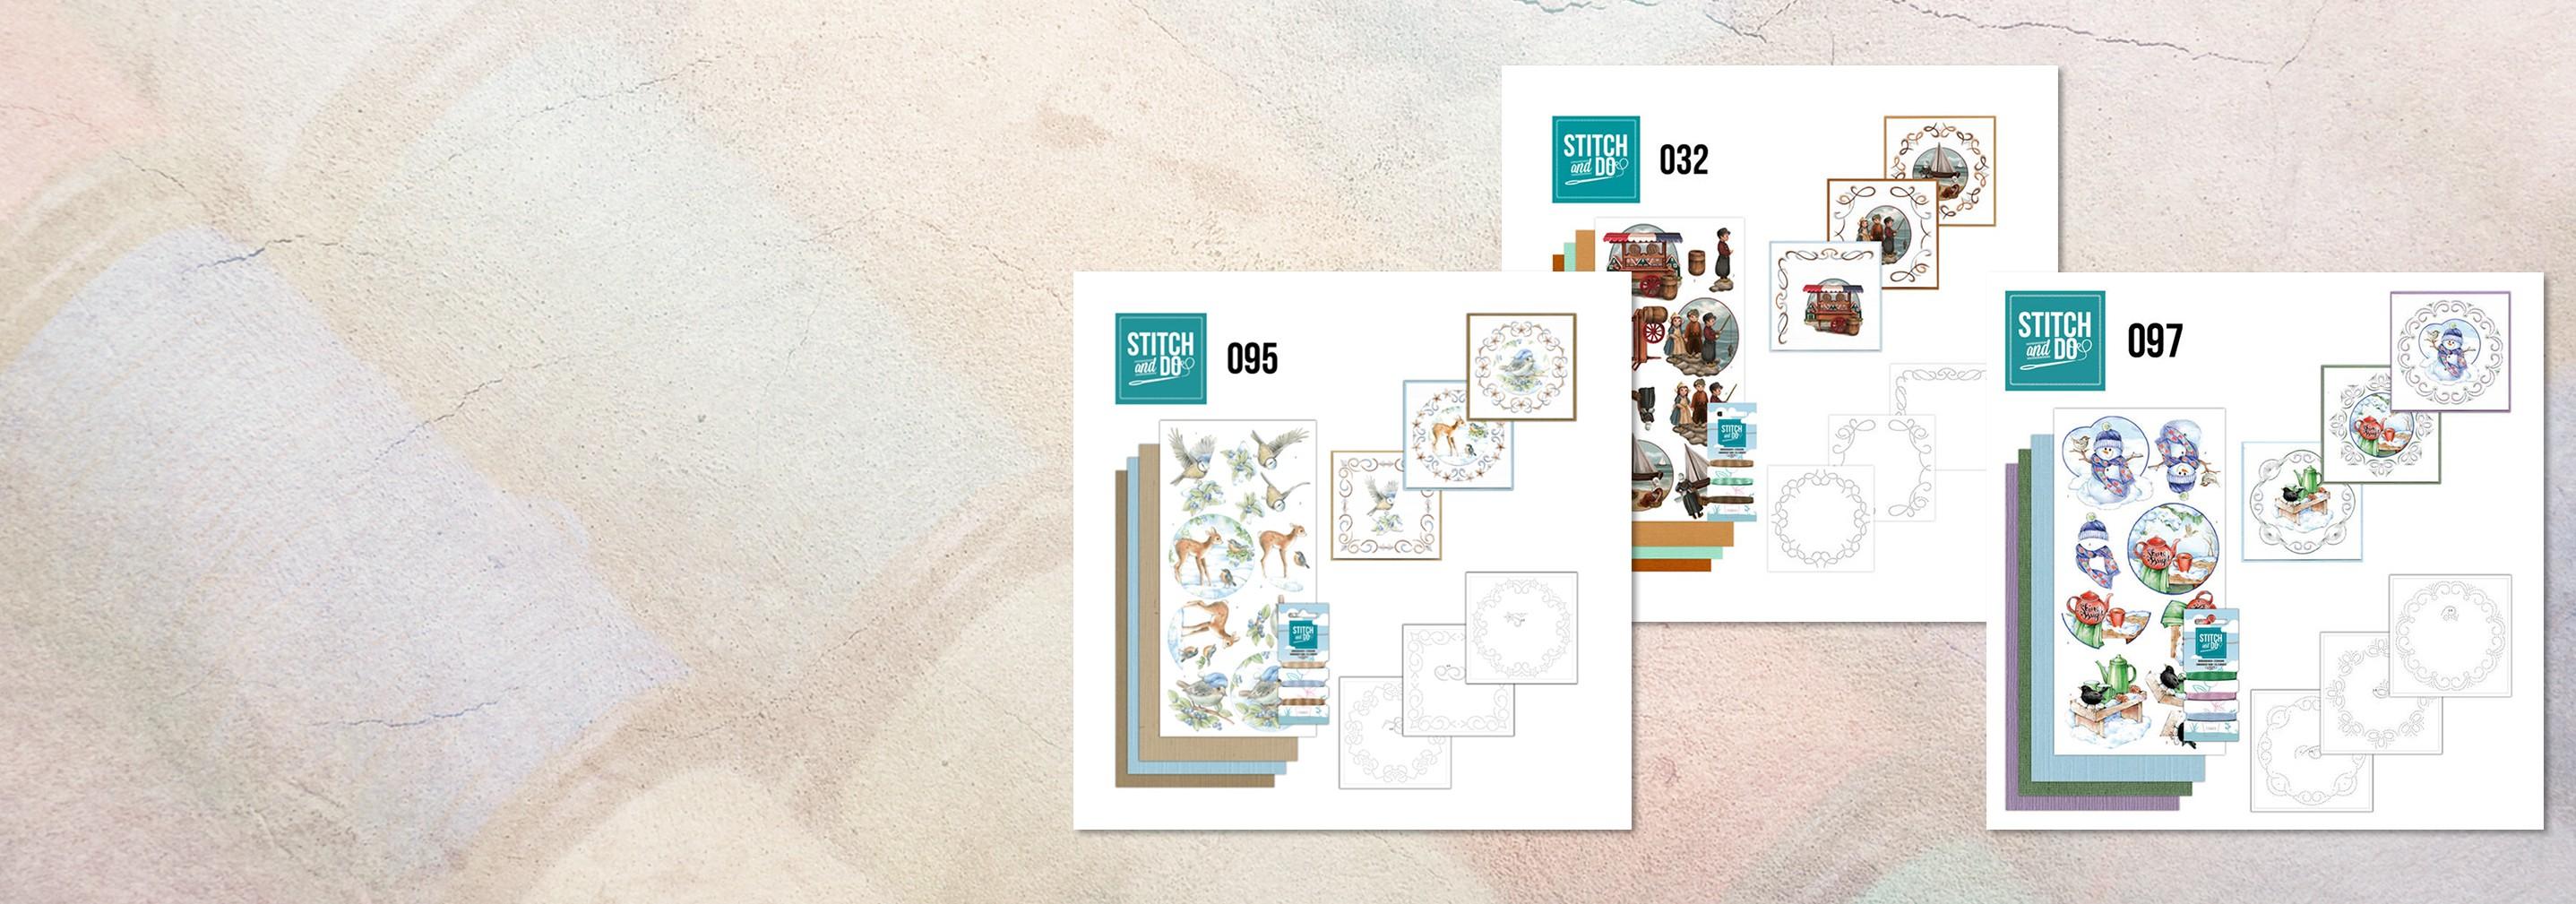 De mooiste geborduurde 3d-kaarten maak je zelf